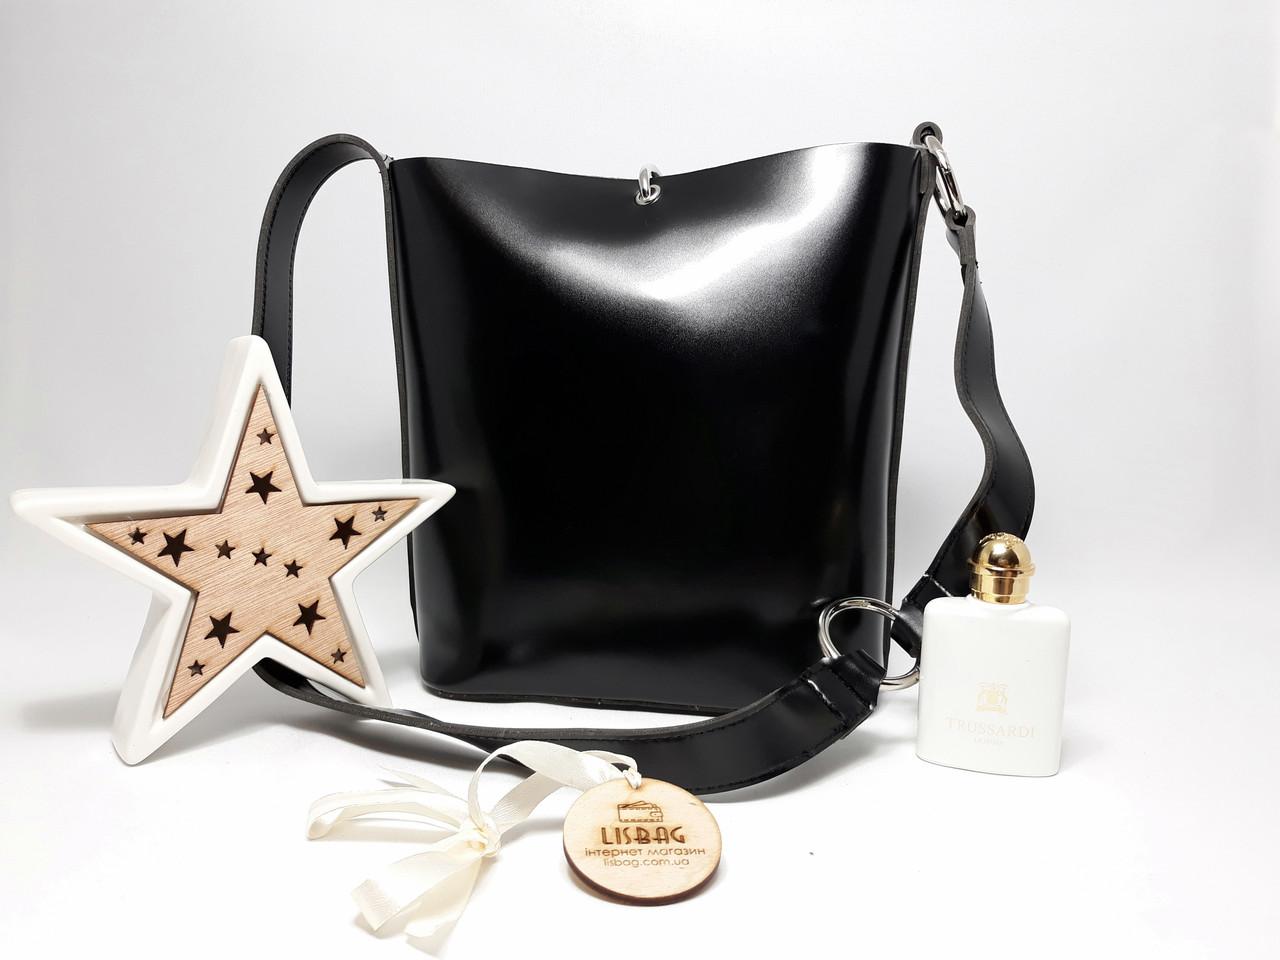 e4728aa0cacf Женская вместительная сумка мешок на плечо новинка, гладкая на ощупь  Черная, ...